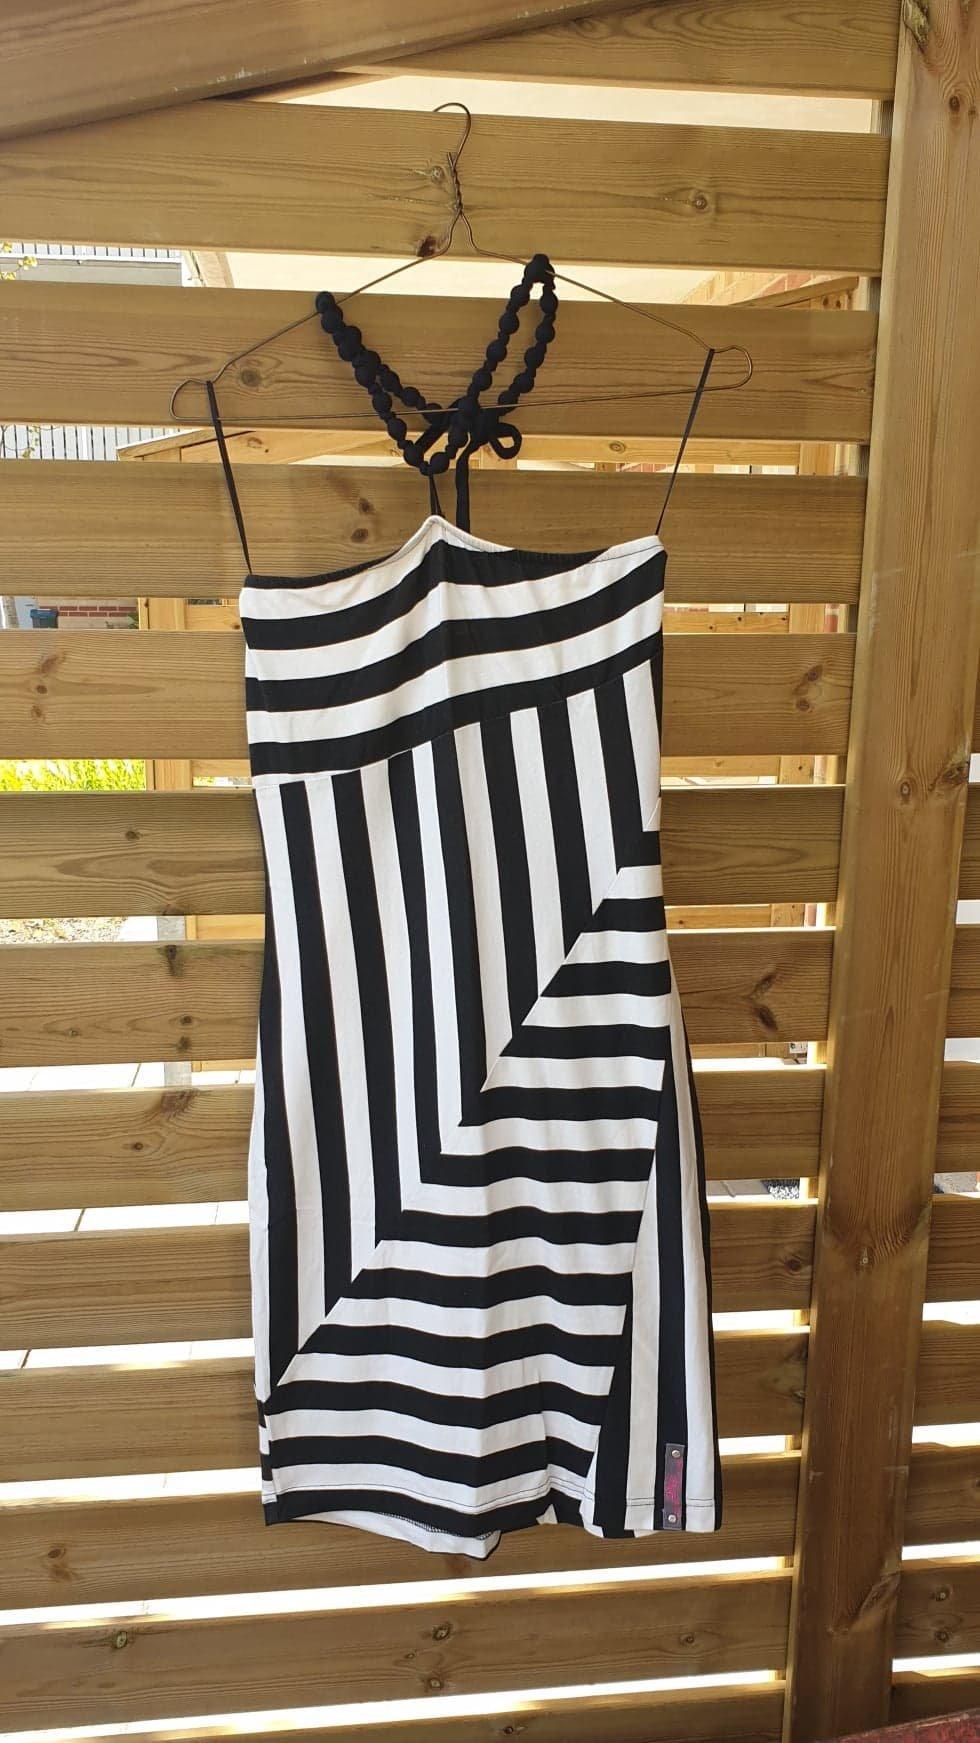 87a065017e8f Helt NY halterneck klänning, svartvit strl S/M .. (355178347) ᐈ Köp ...